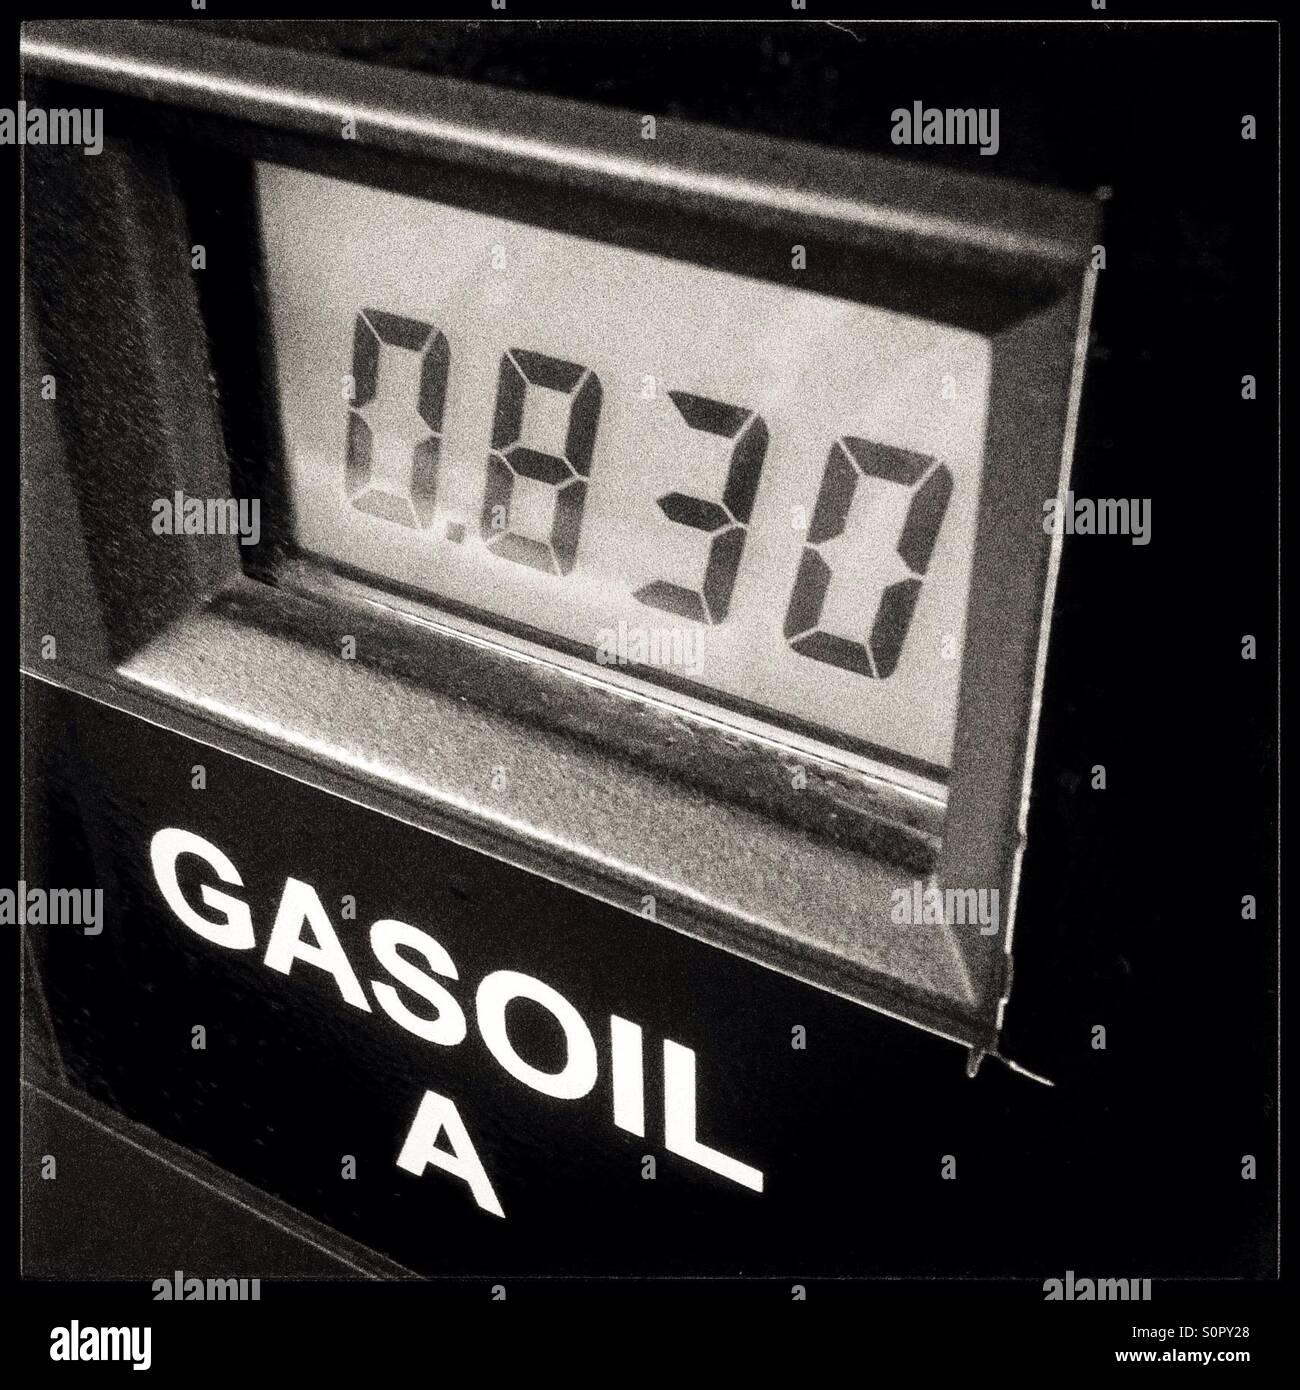 Gasoil Stock Photos Gasoil Stock Images Alamy